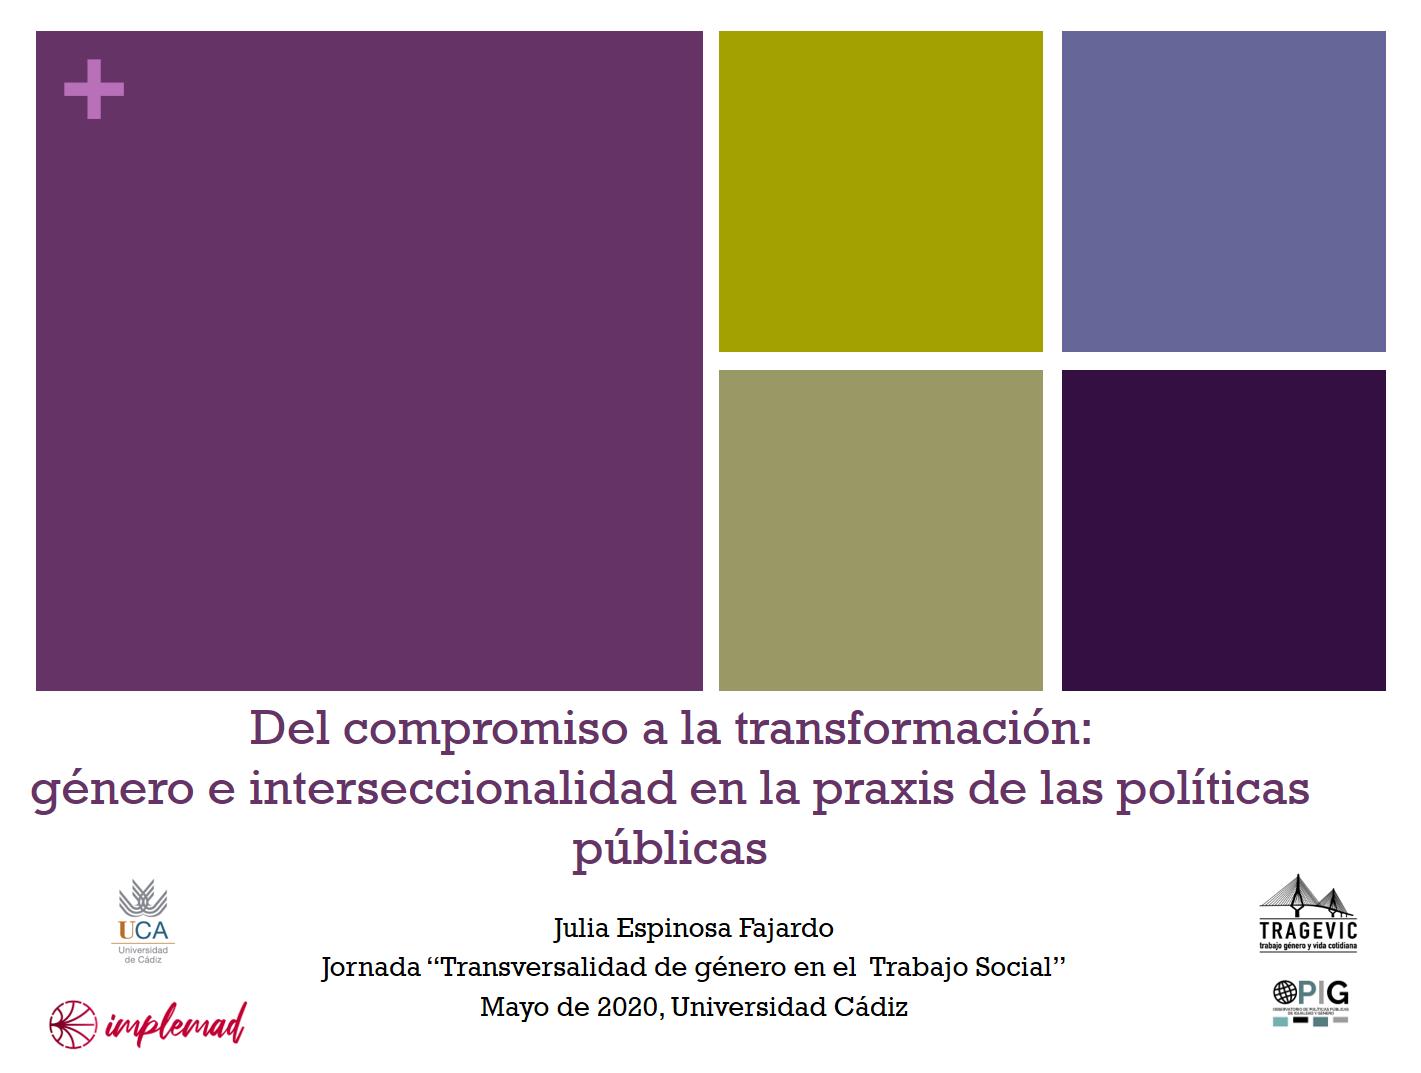 Del compromiso a la transformación: género e interseccionalidad en la praxis de las políticas públicas